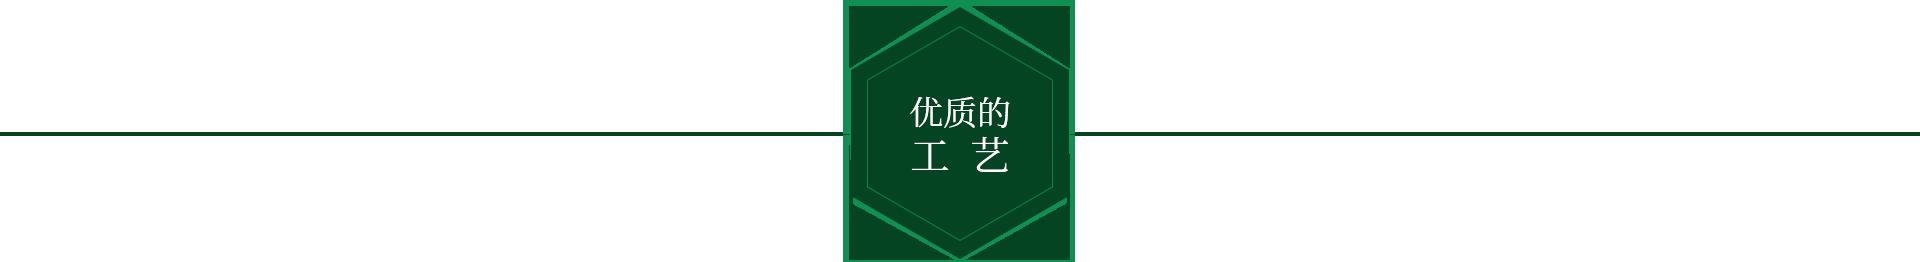 桂林周氏蜂蜜 优质工艺